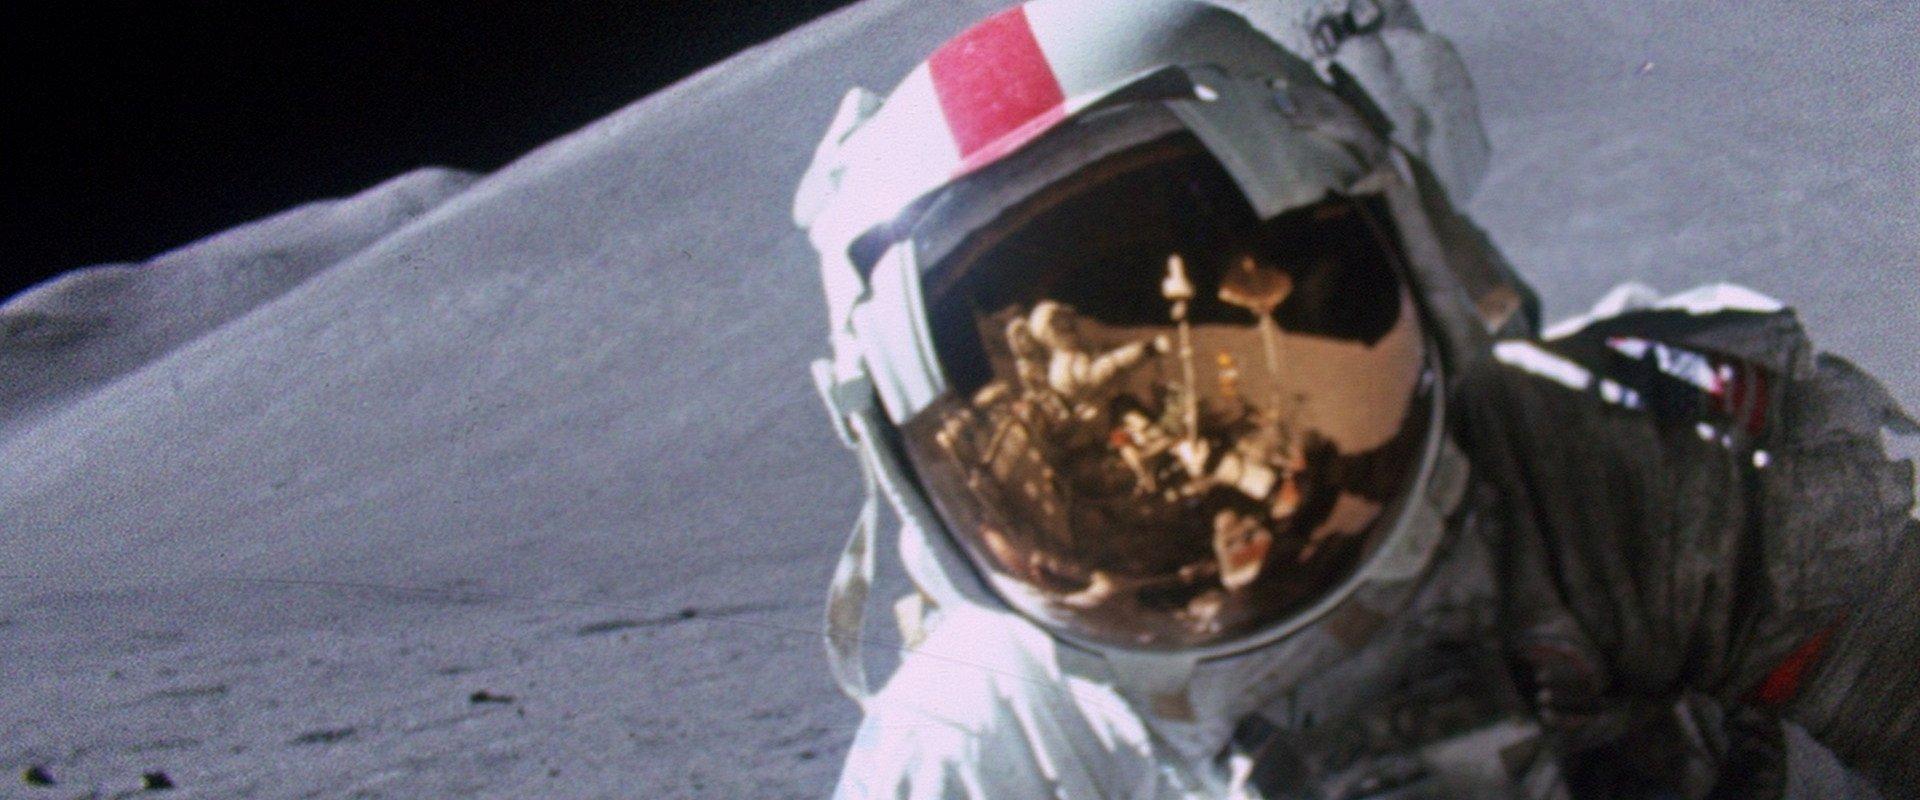 Kosmiczny lipiec na kanale National Geographic